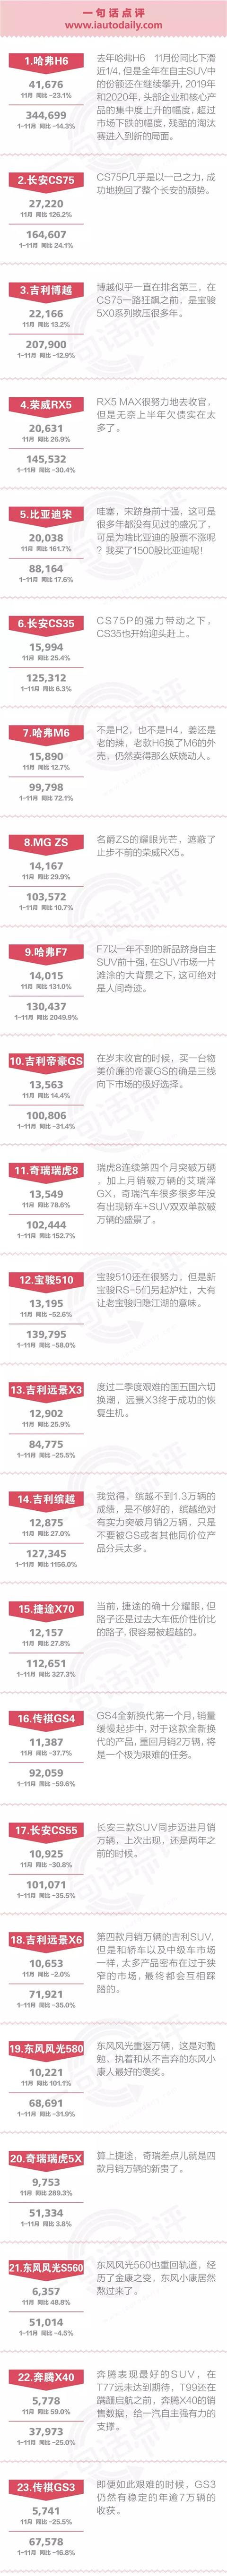 一句话点评11月自立SUV:吉祥、长城和长安都有一个坏缺点